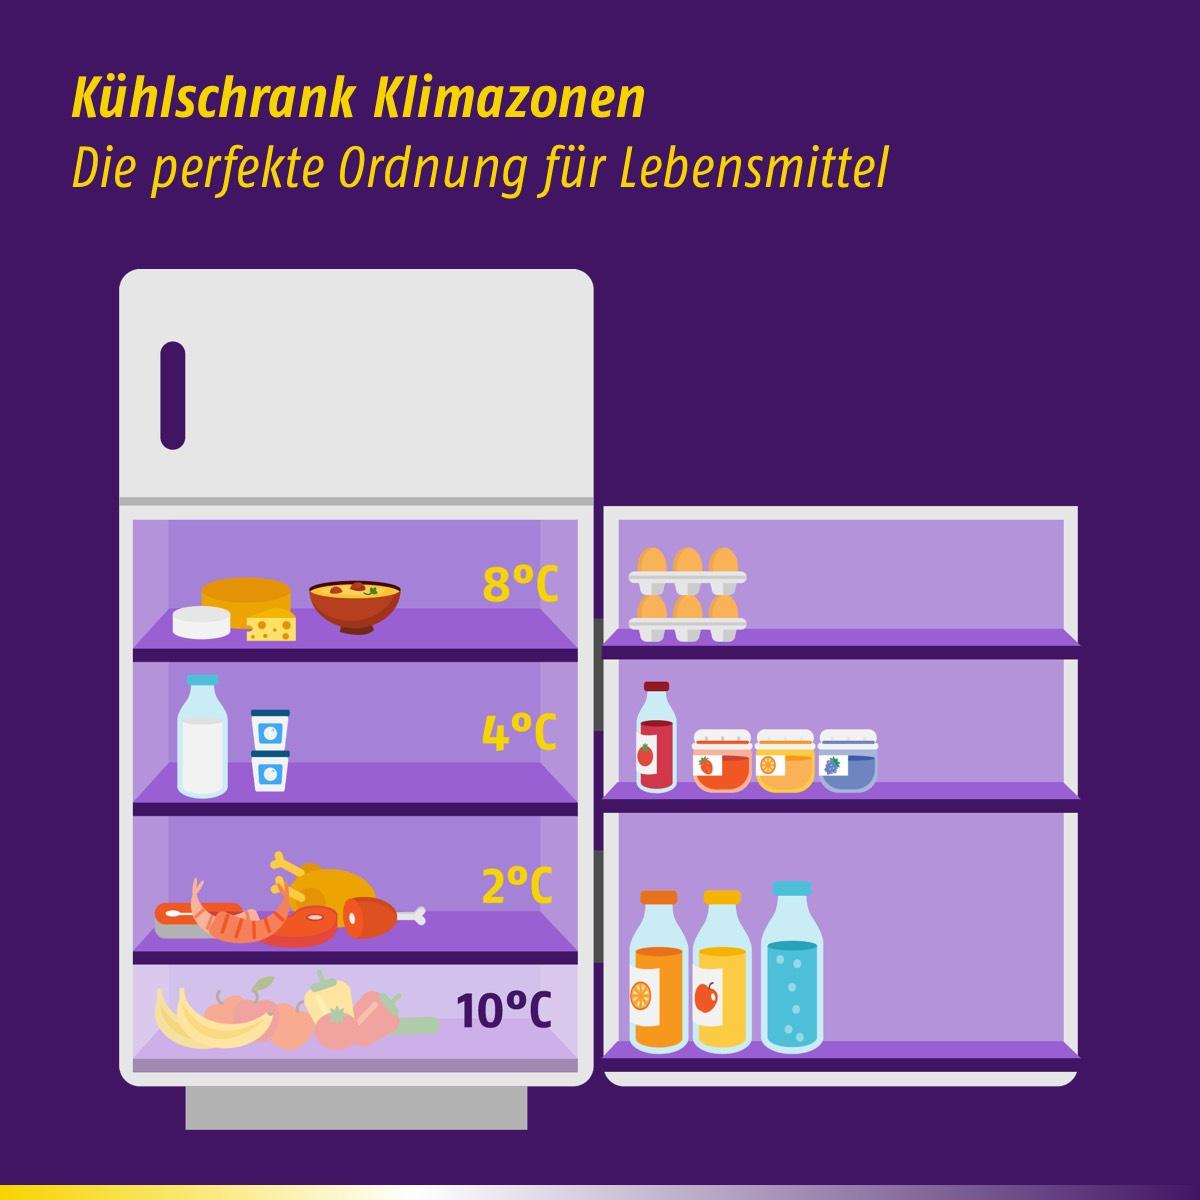 Ordnung im Kühlschrank - Klimazonen